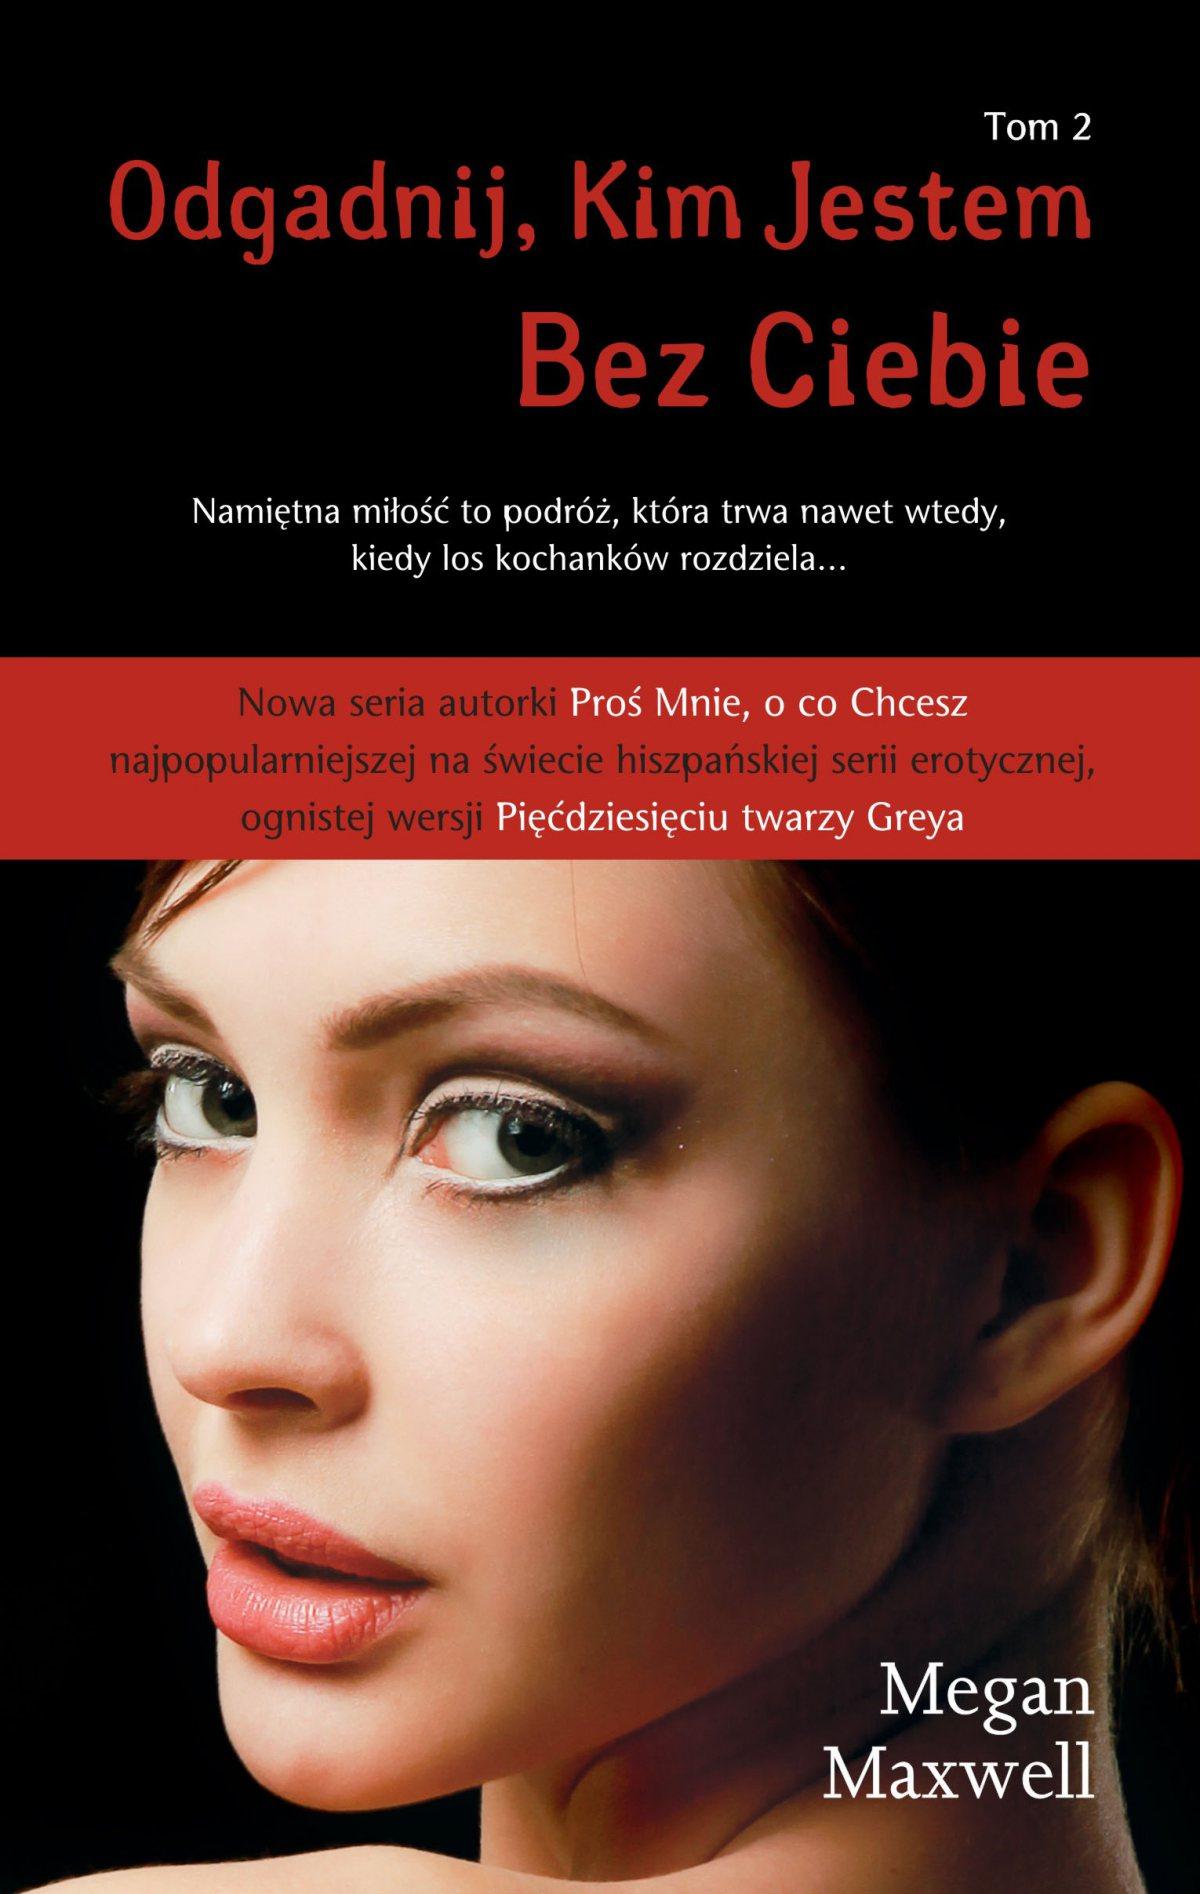 Odgadnij Kim Jestem. Tom 2 Bez Ciebie - Ebook (Książka EPUB) do pobrania w formacie EPUB